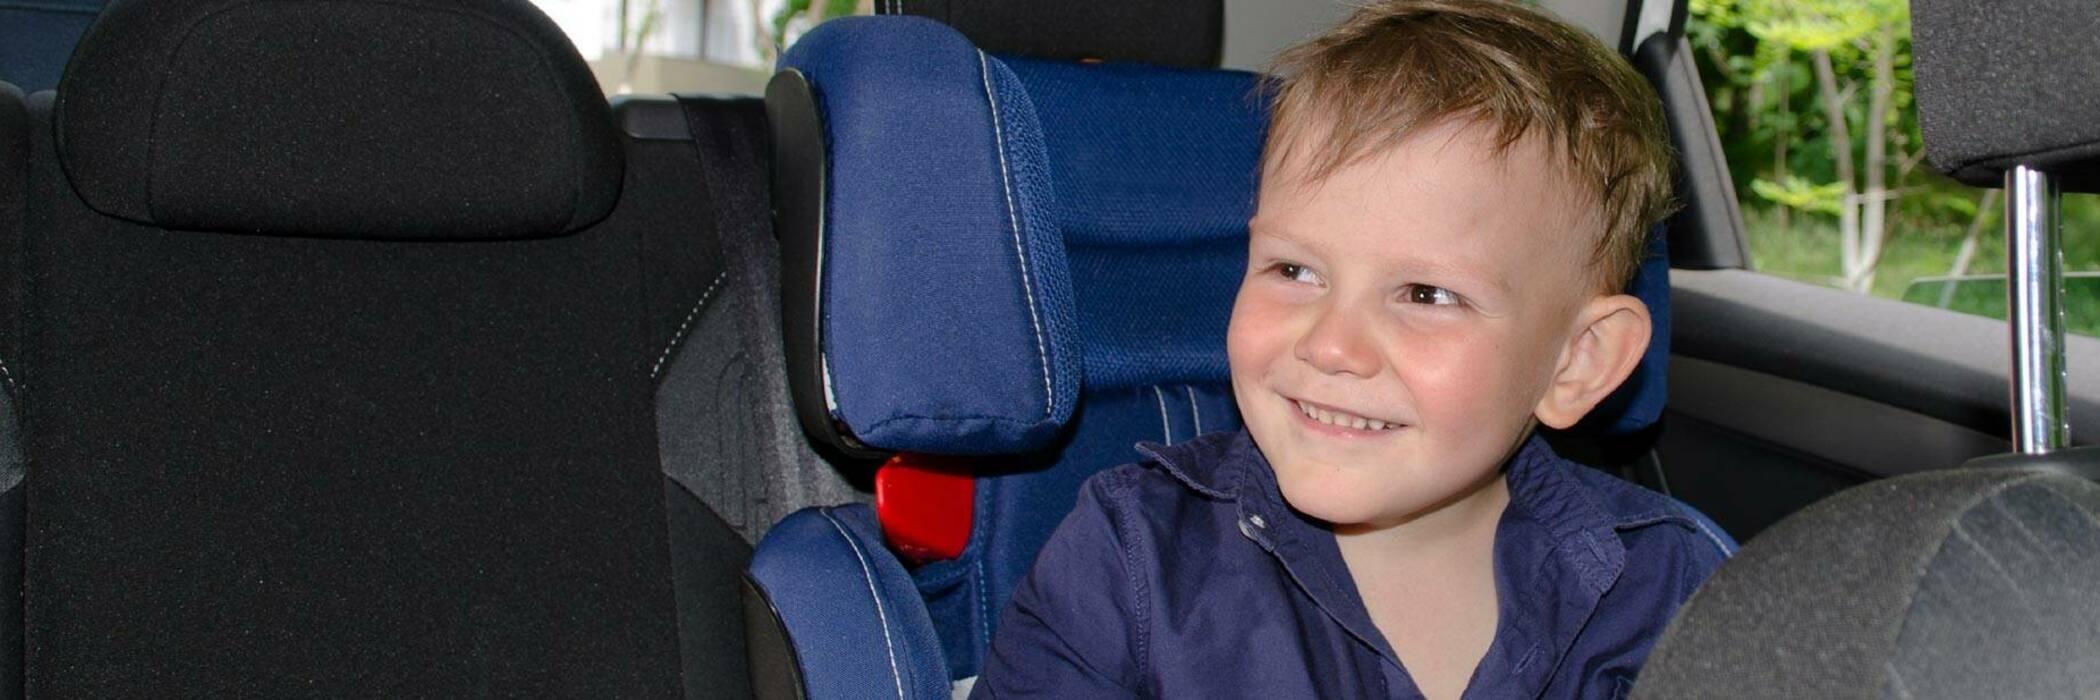 13jul car seats hero